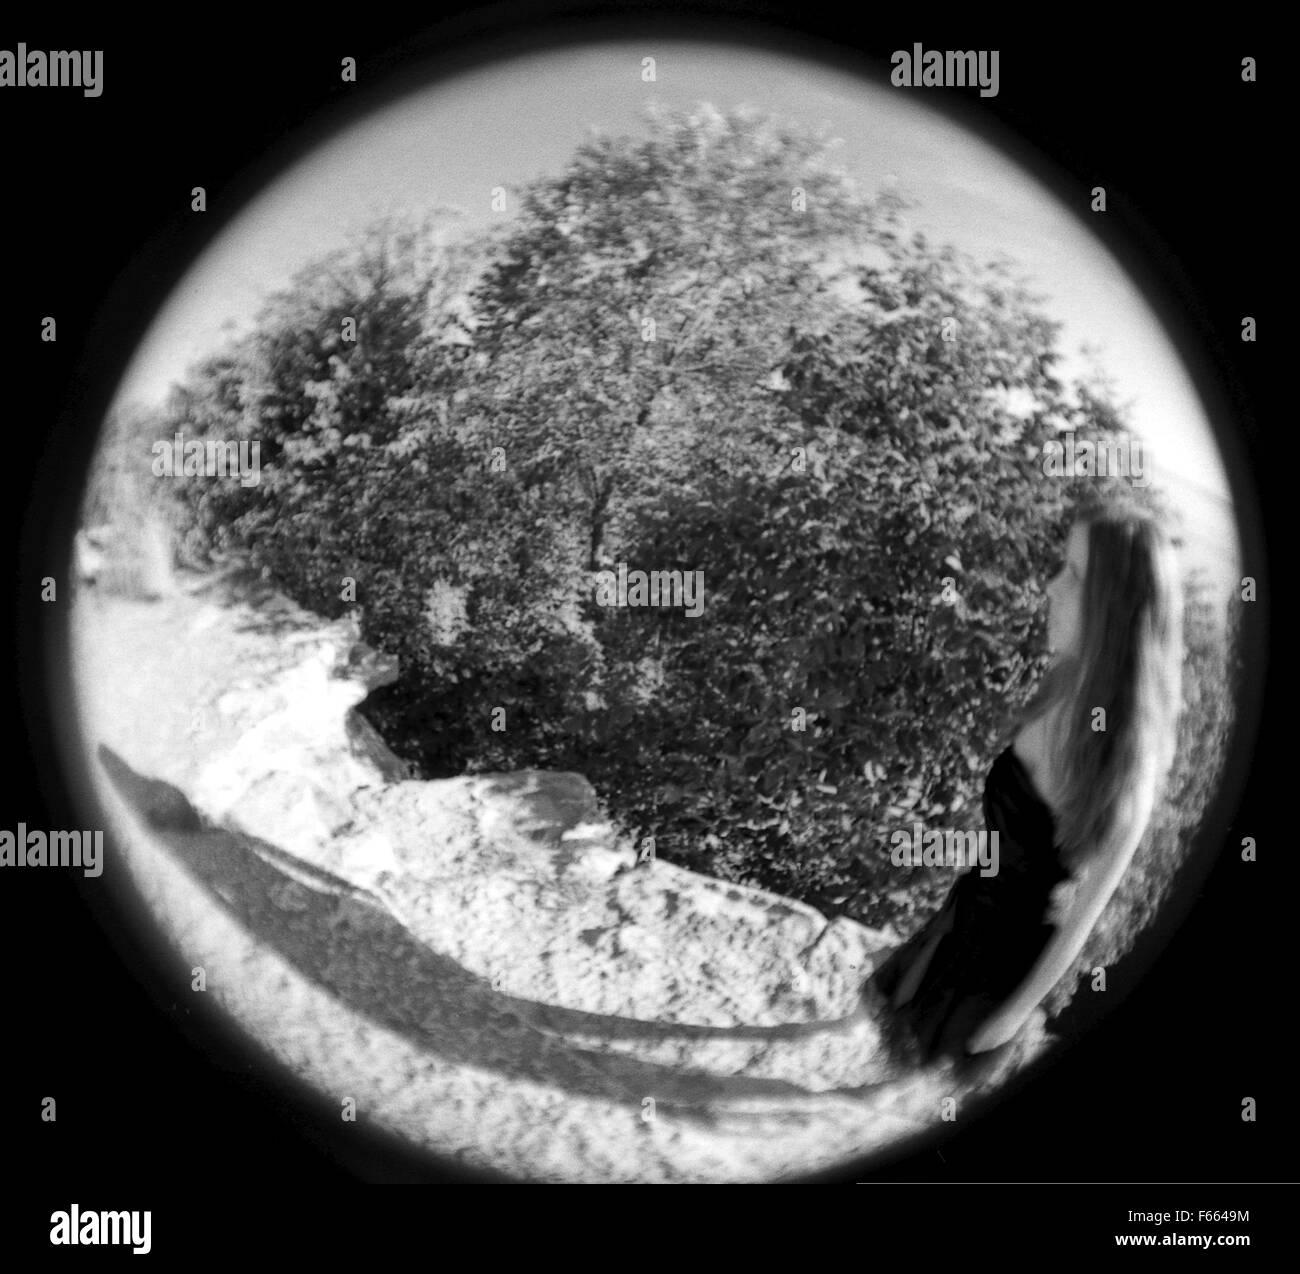 Fisheye lente fotografía en blanco y negro de una figura de acantilado con árboles en el fondo abstracto. Foto de stock